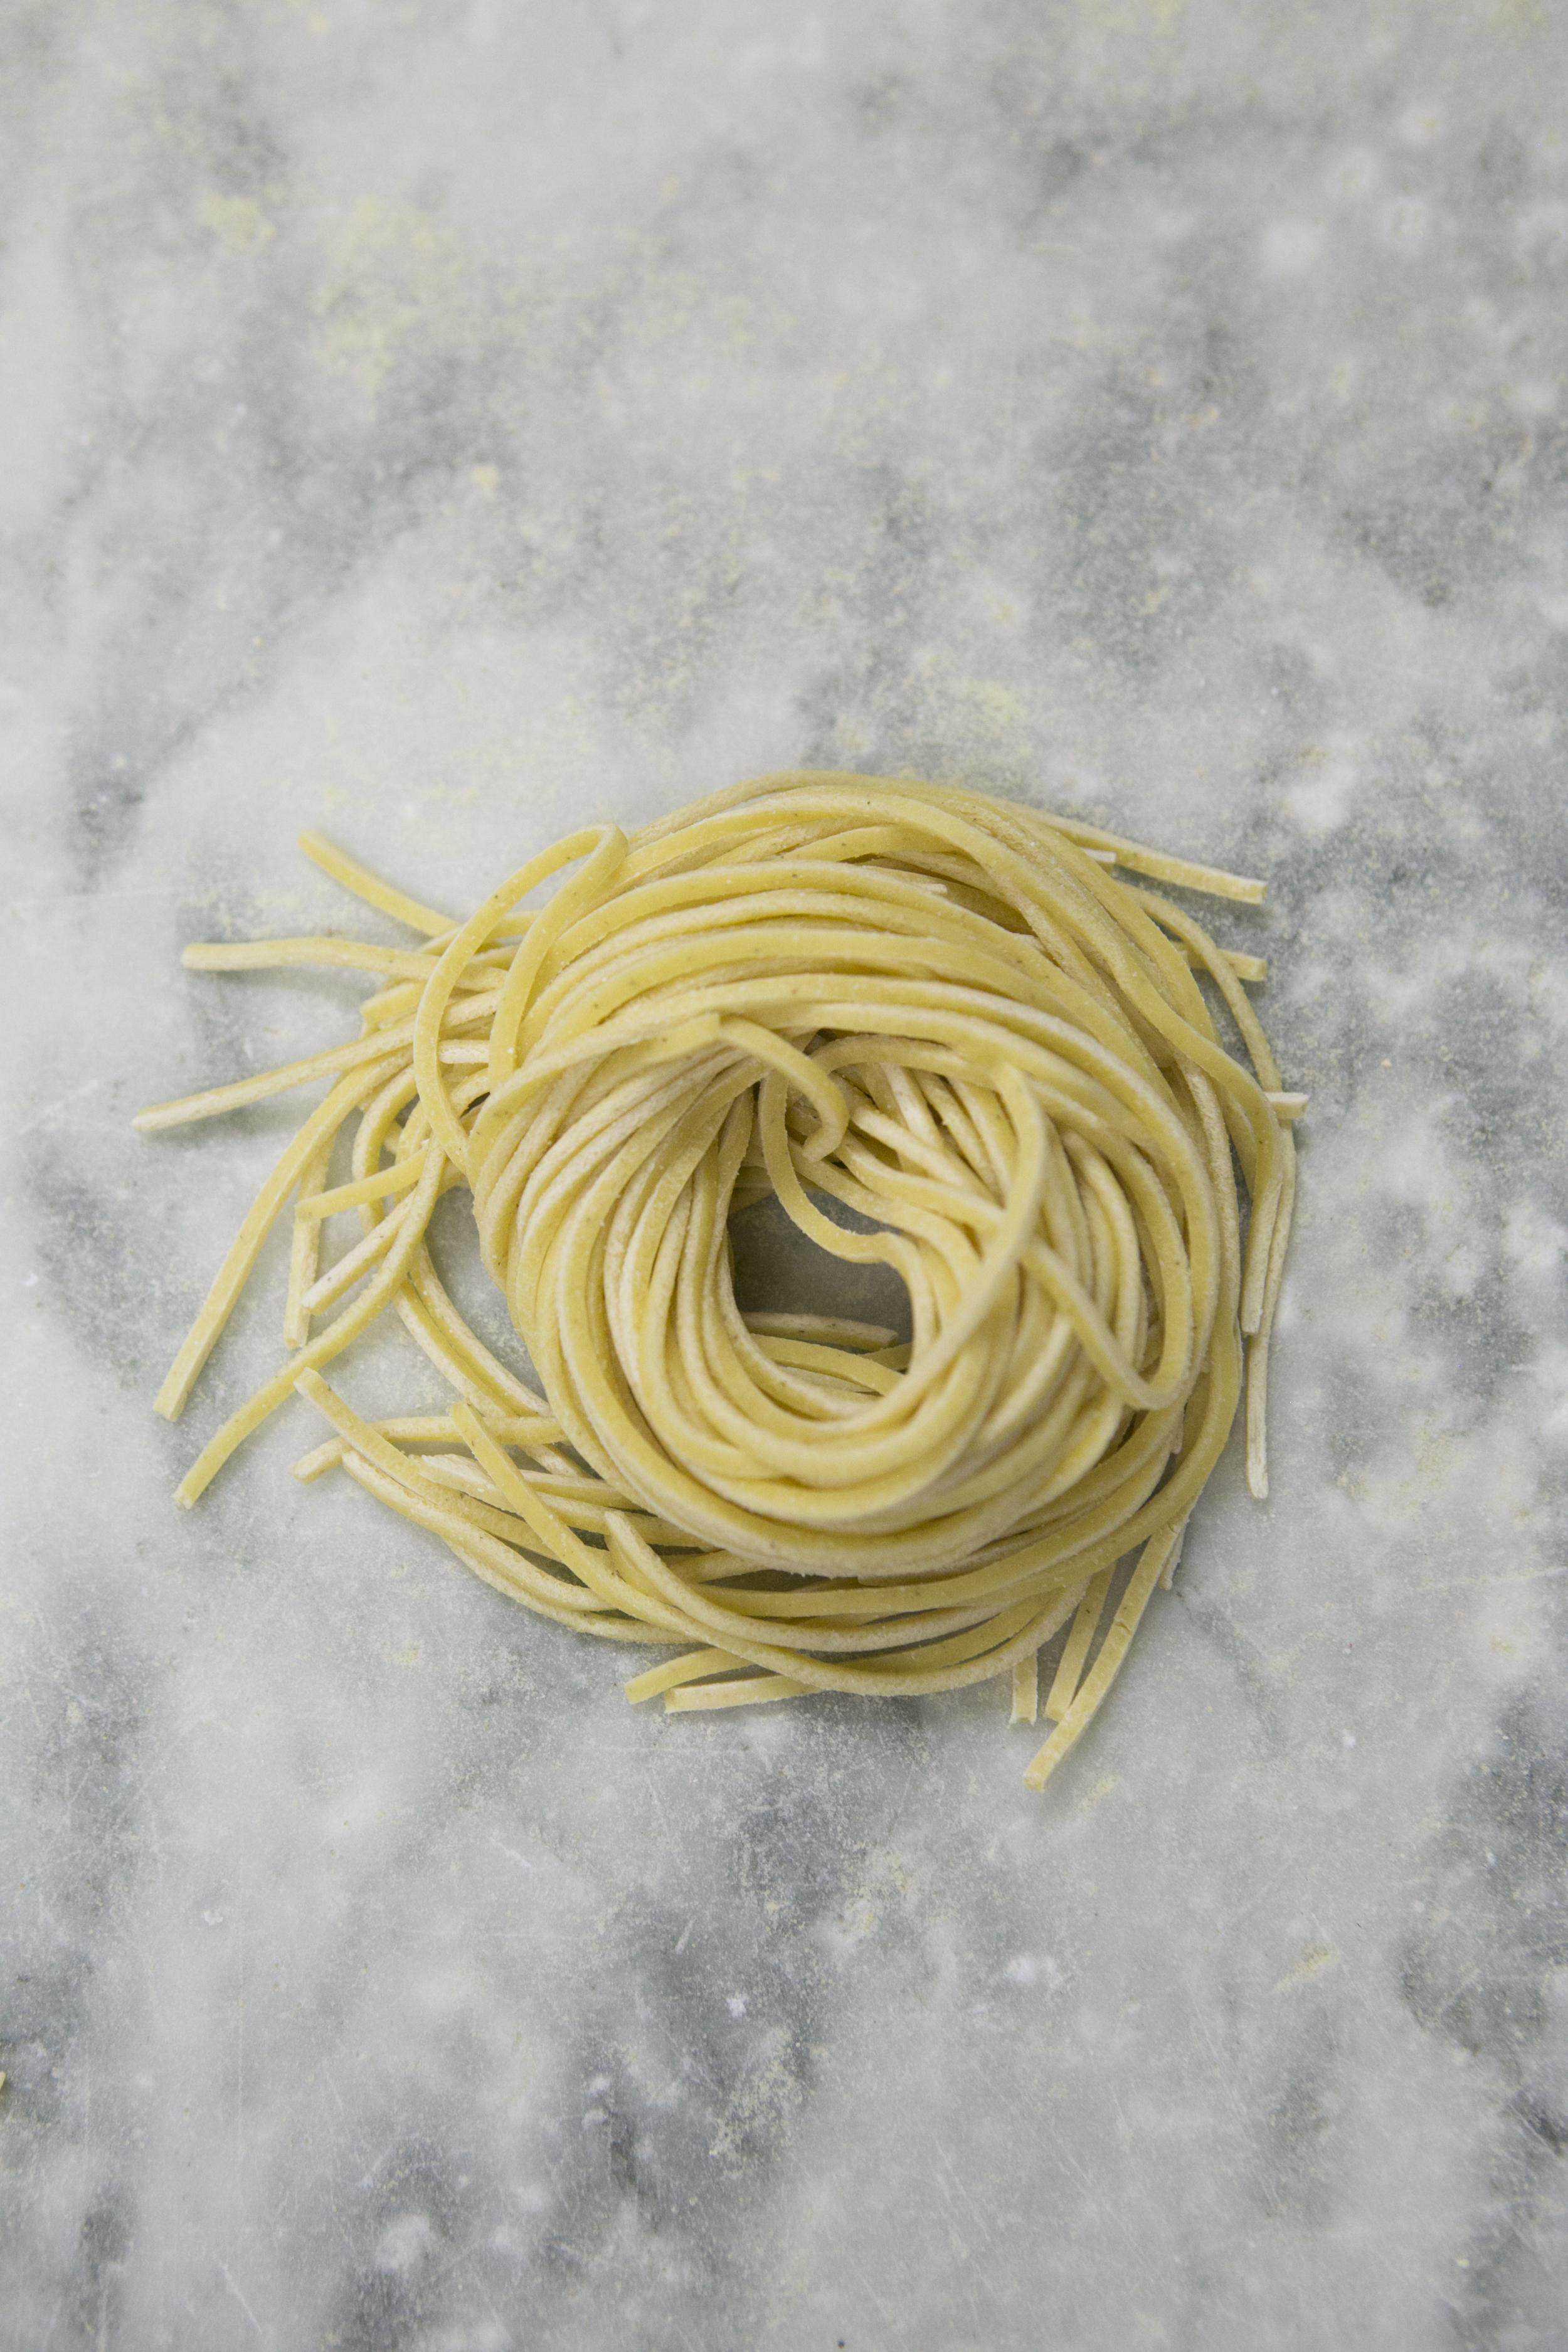 Spaghetti Alla Chittara